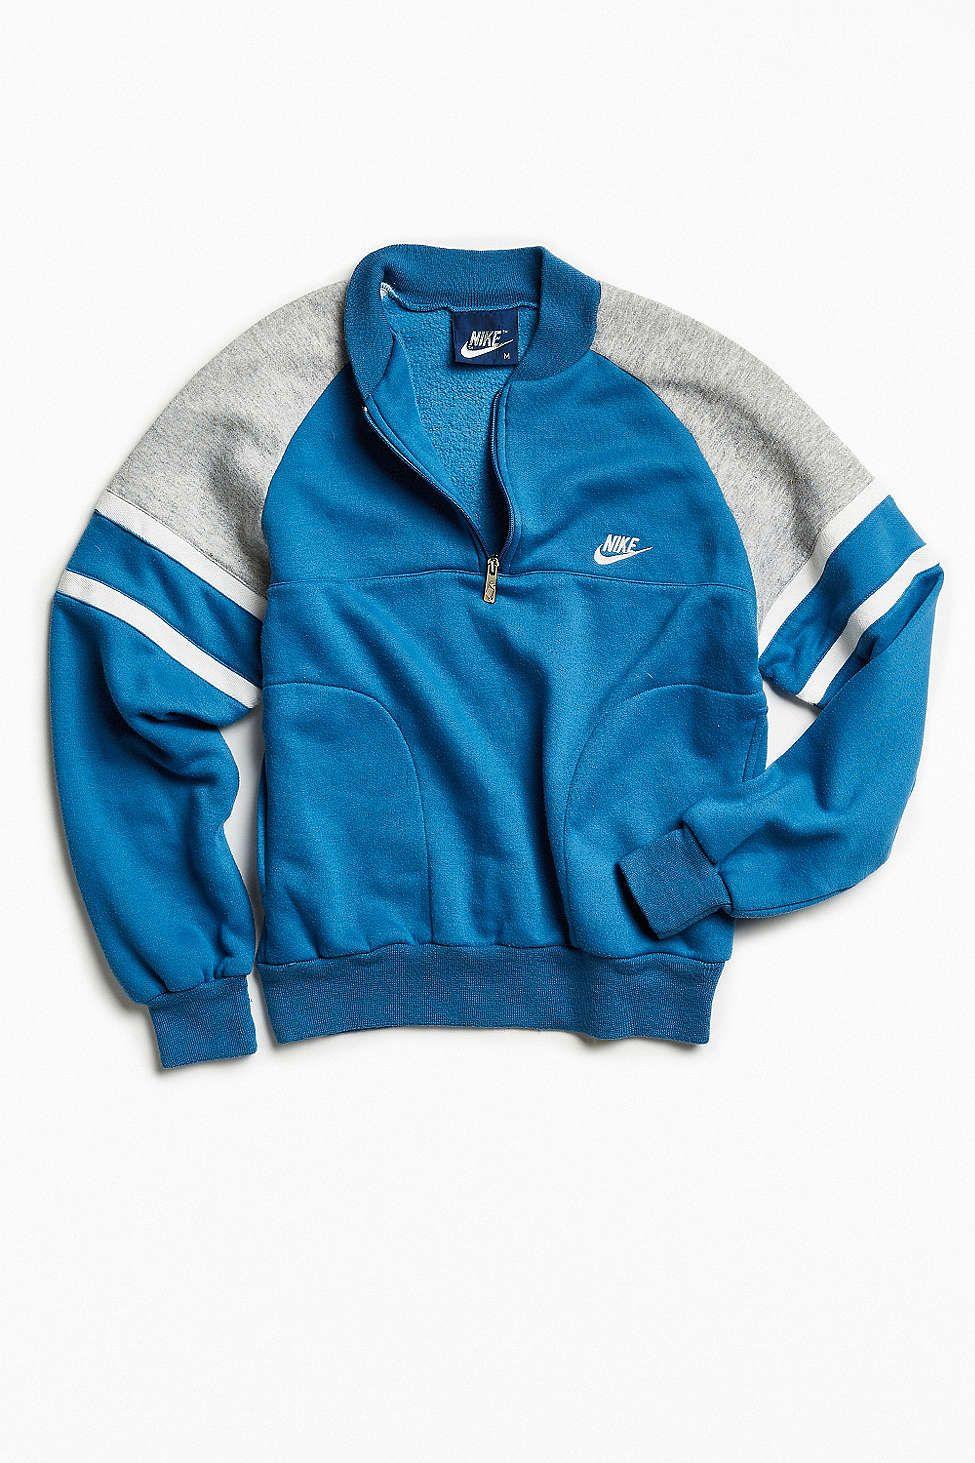 Vintage Nike 1 4 Zip Sweatshirt Sweatshirts Vintage Nike Vintage Nike Sweatshirt [ 1463 x 975 Pixel ]